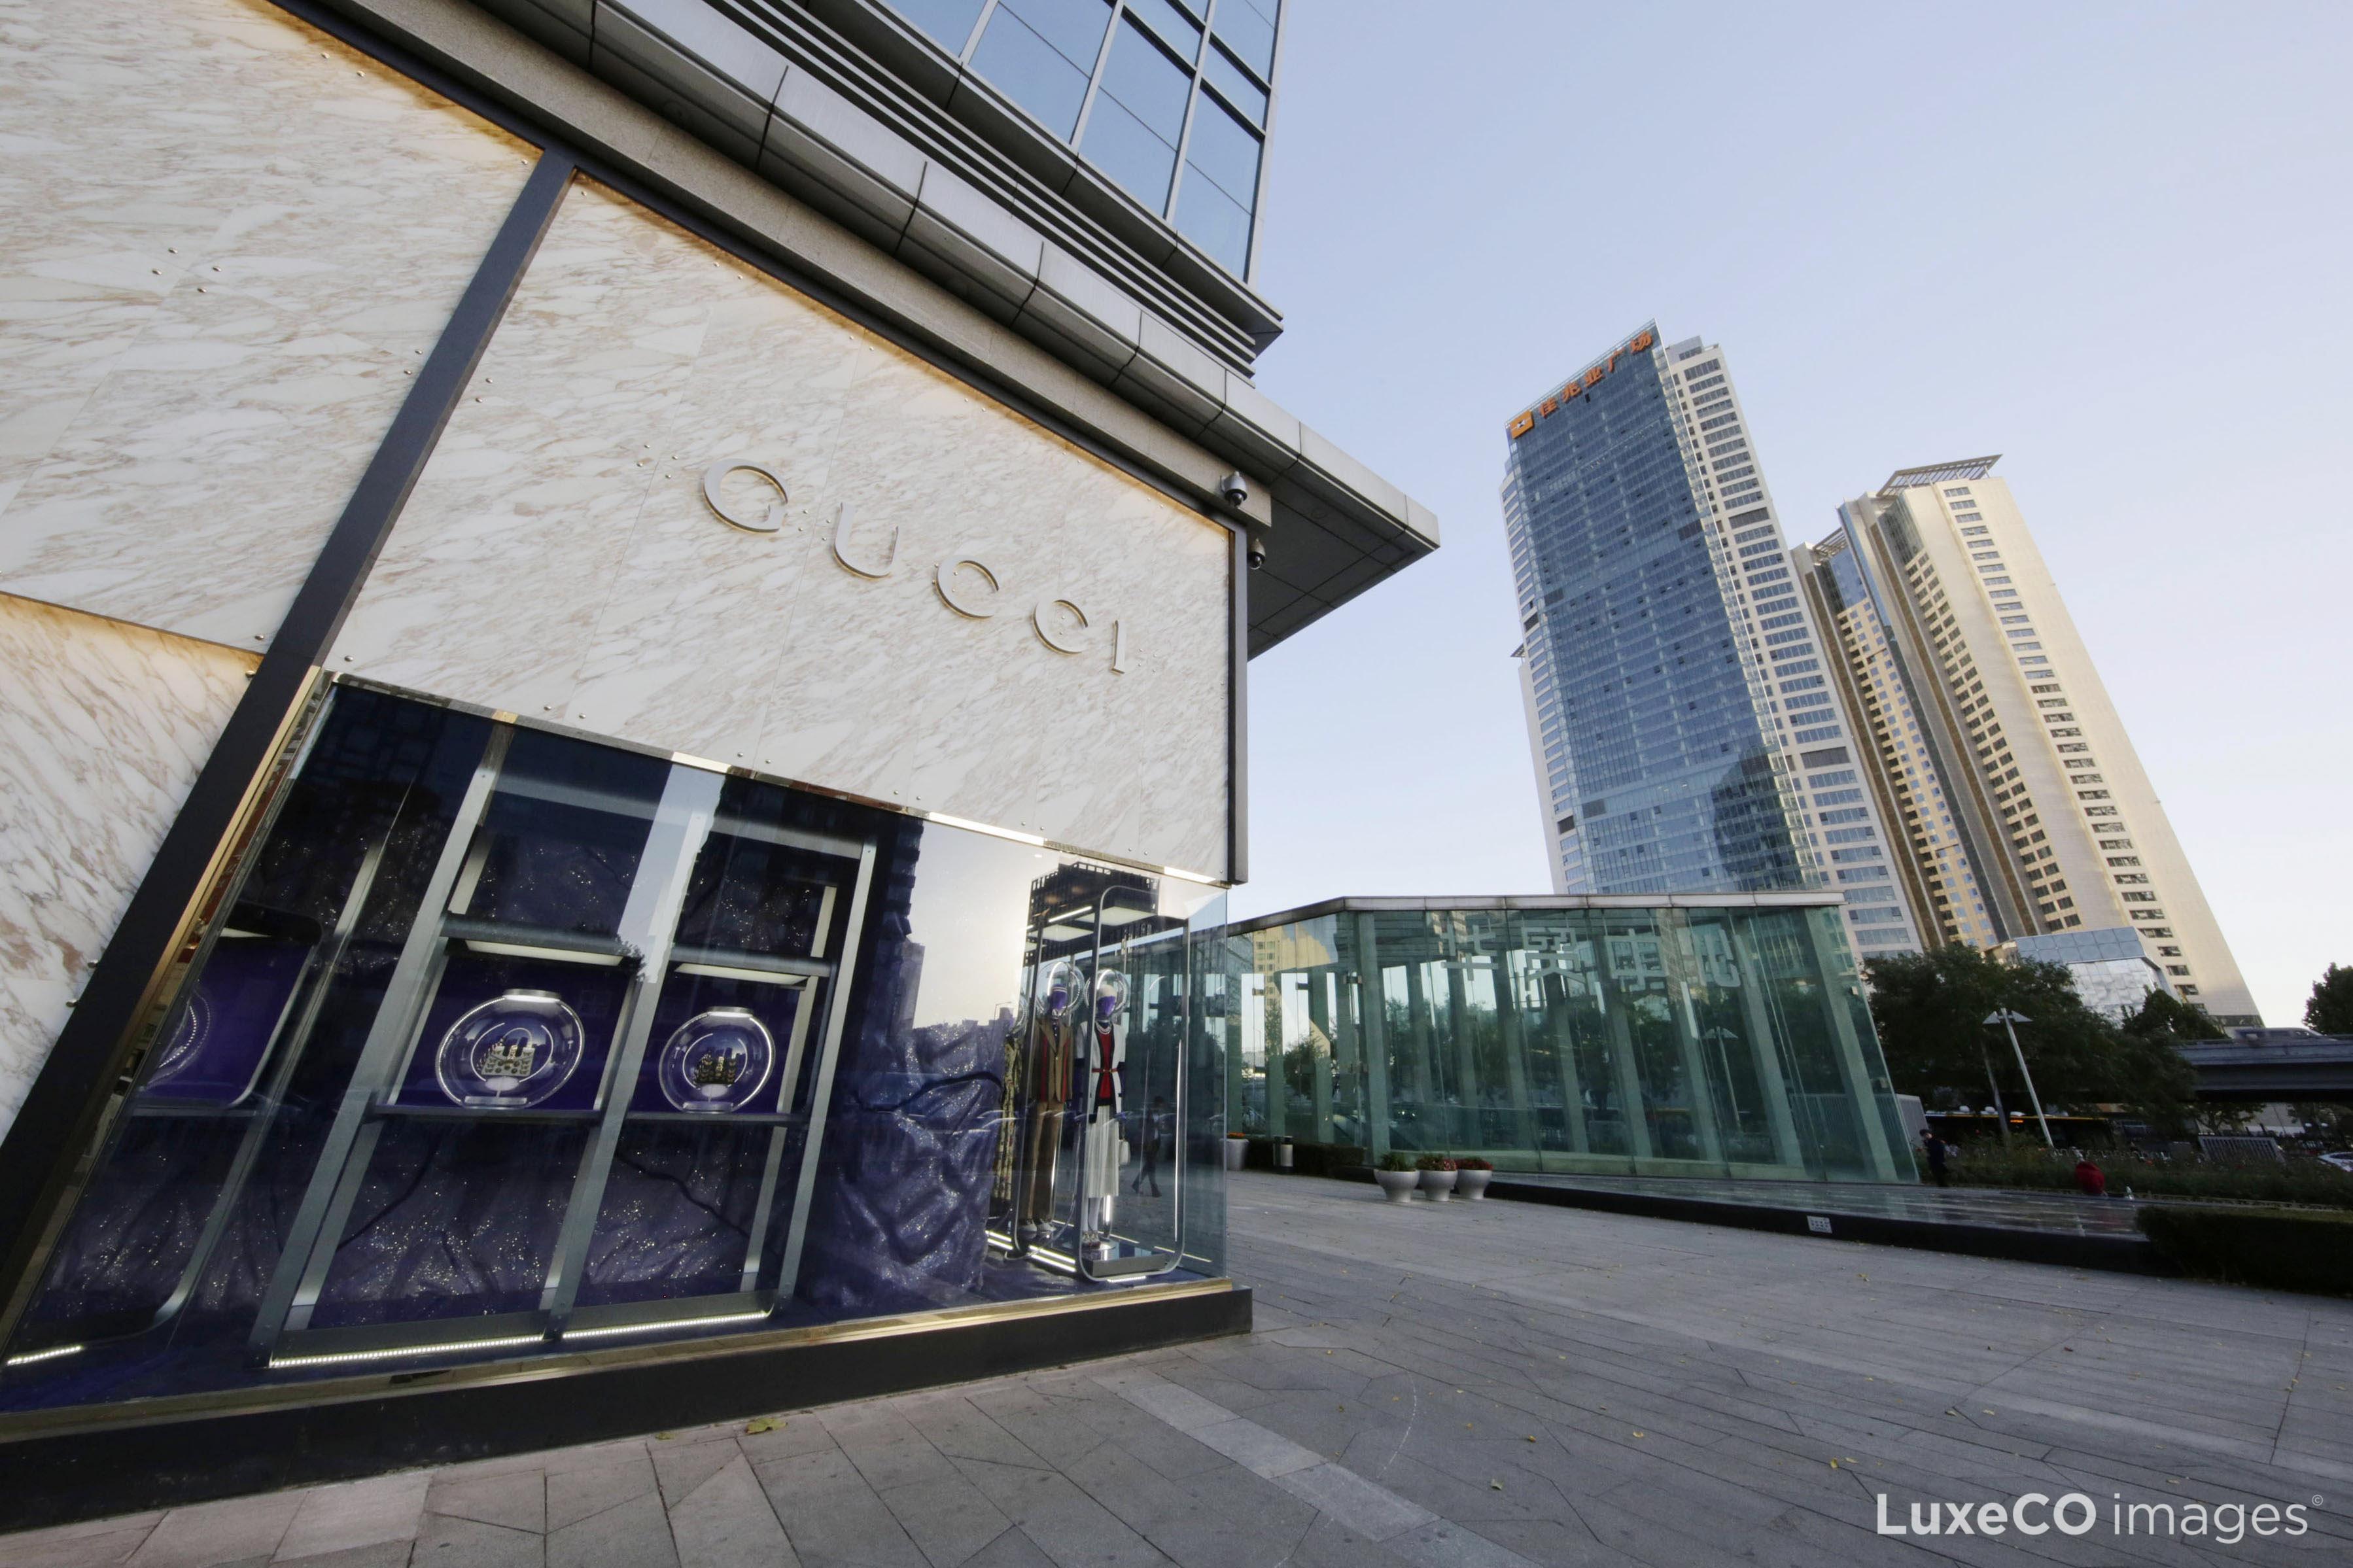 """来自中国的""""奢侈品月光族""""推动 Gucci 成为2017年品牌价值增长最快的奢侈品牌"""